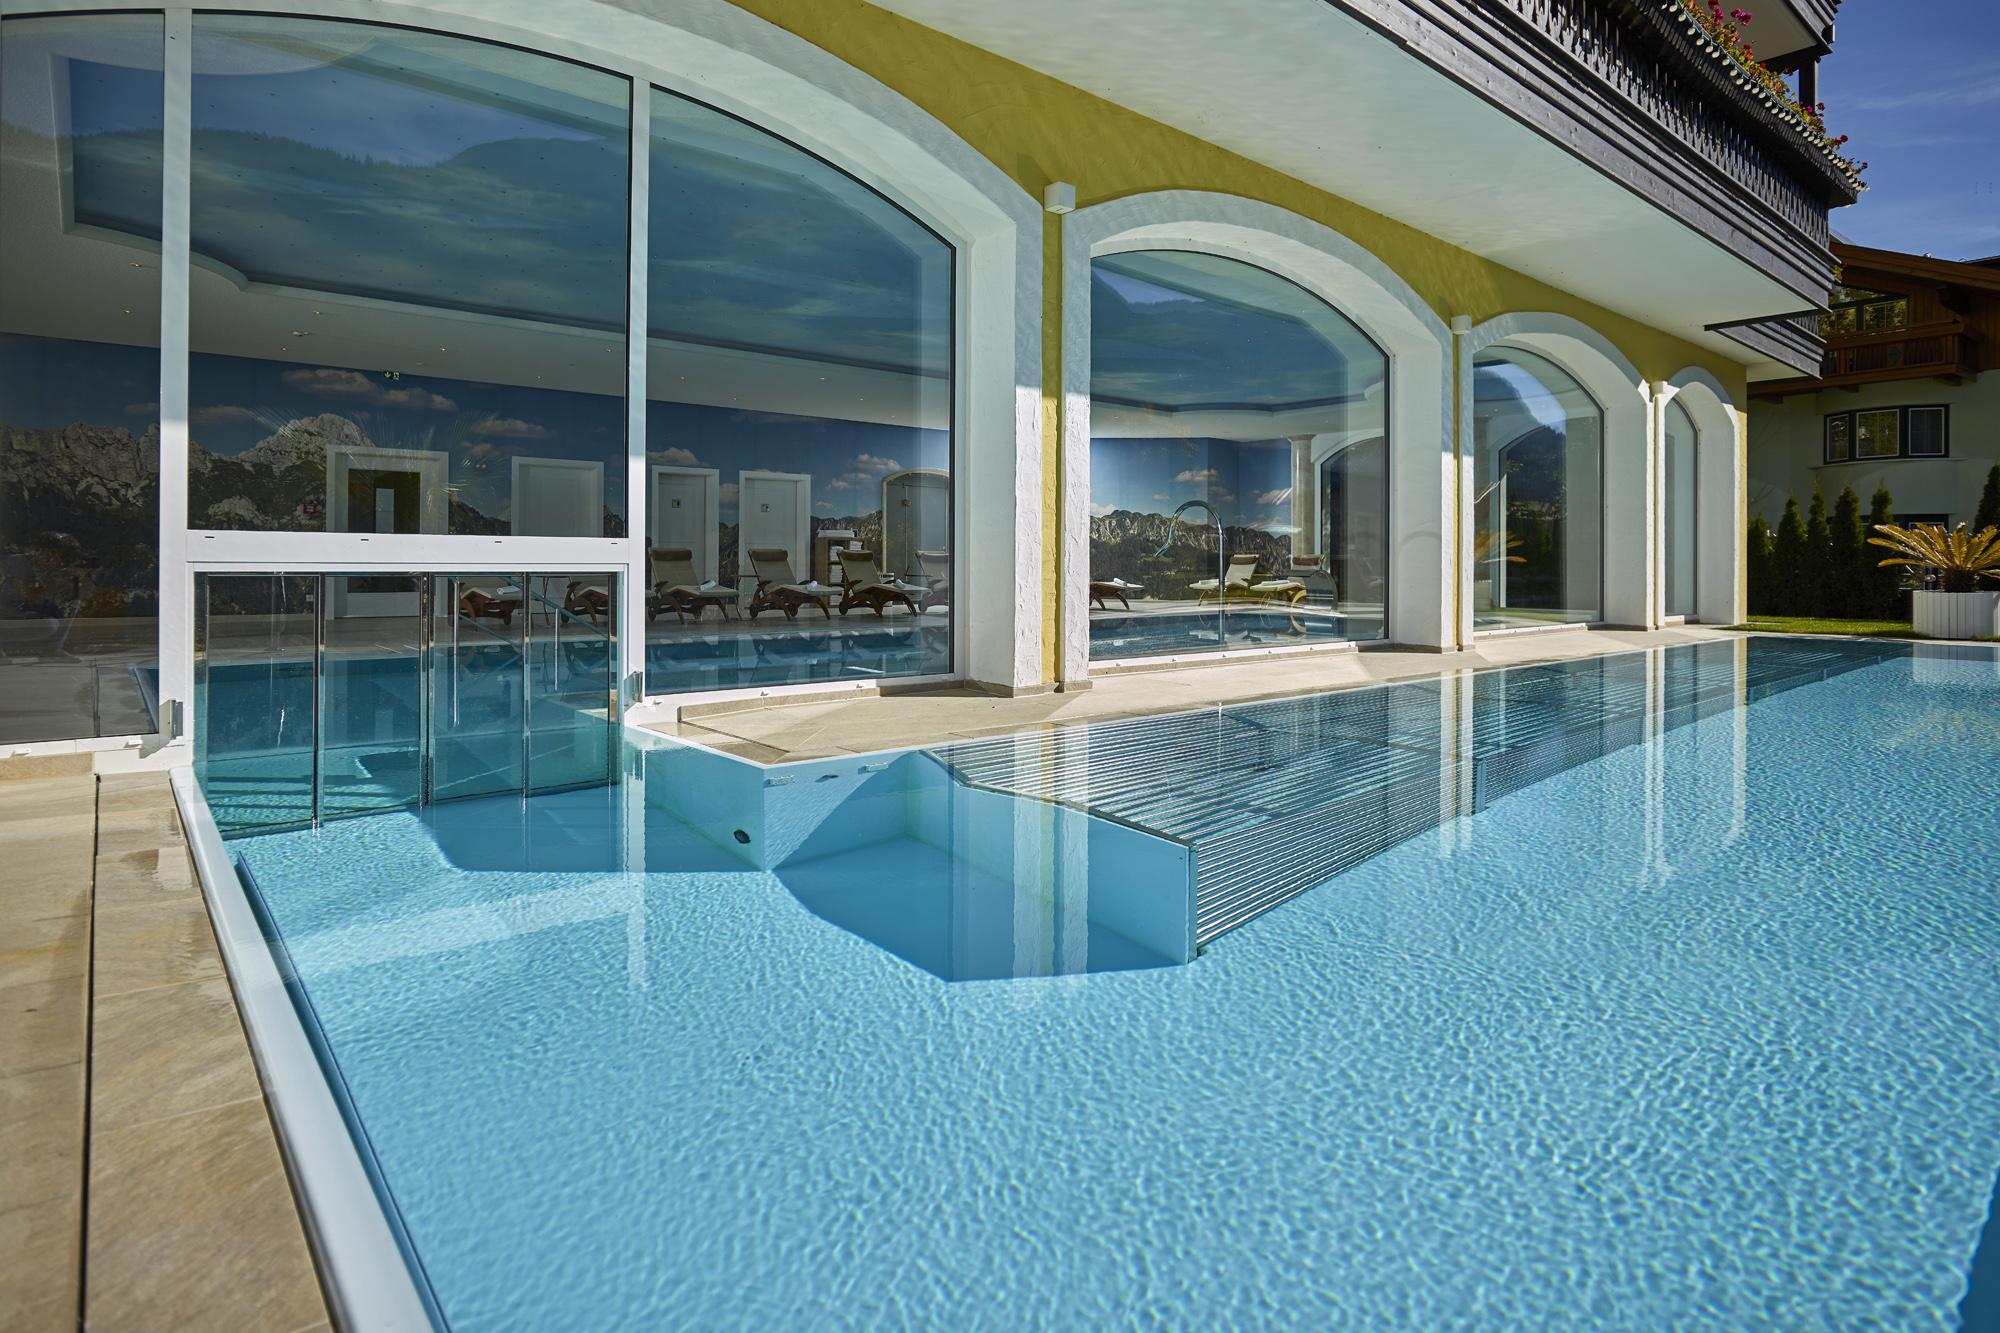 Schwimmkanal zwischen Innen- und Außenschwimmbad kurzum mit elektrischer Glastür